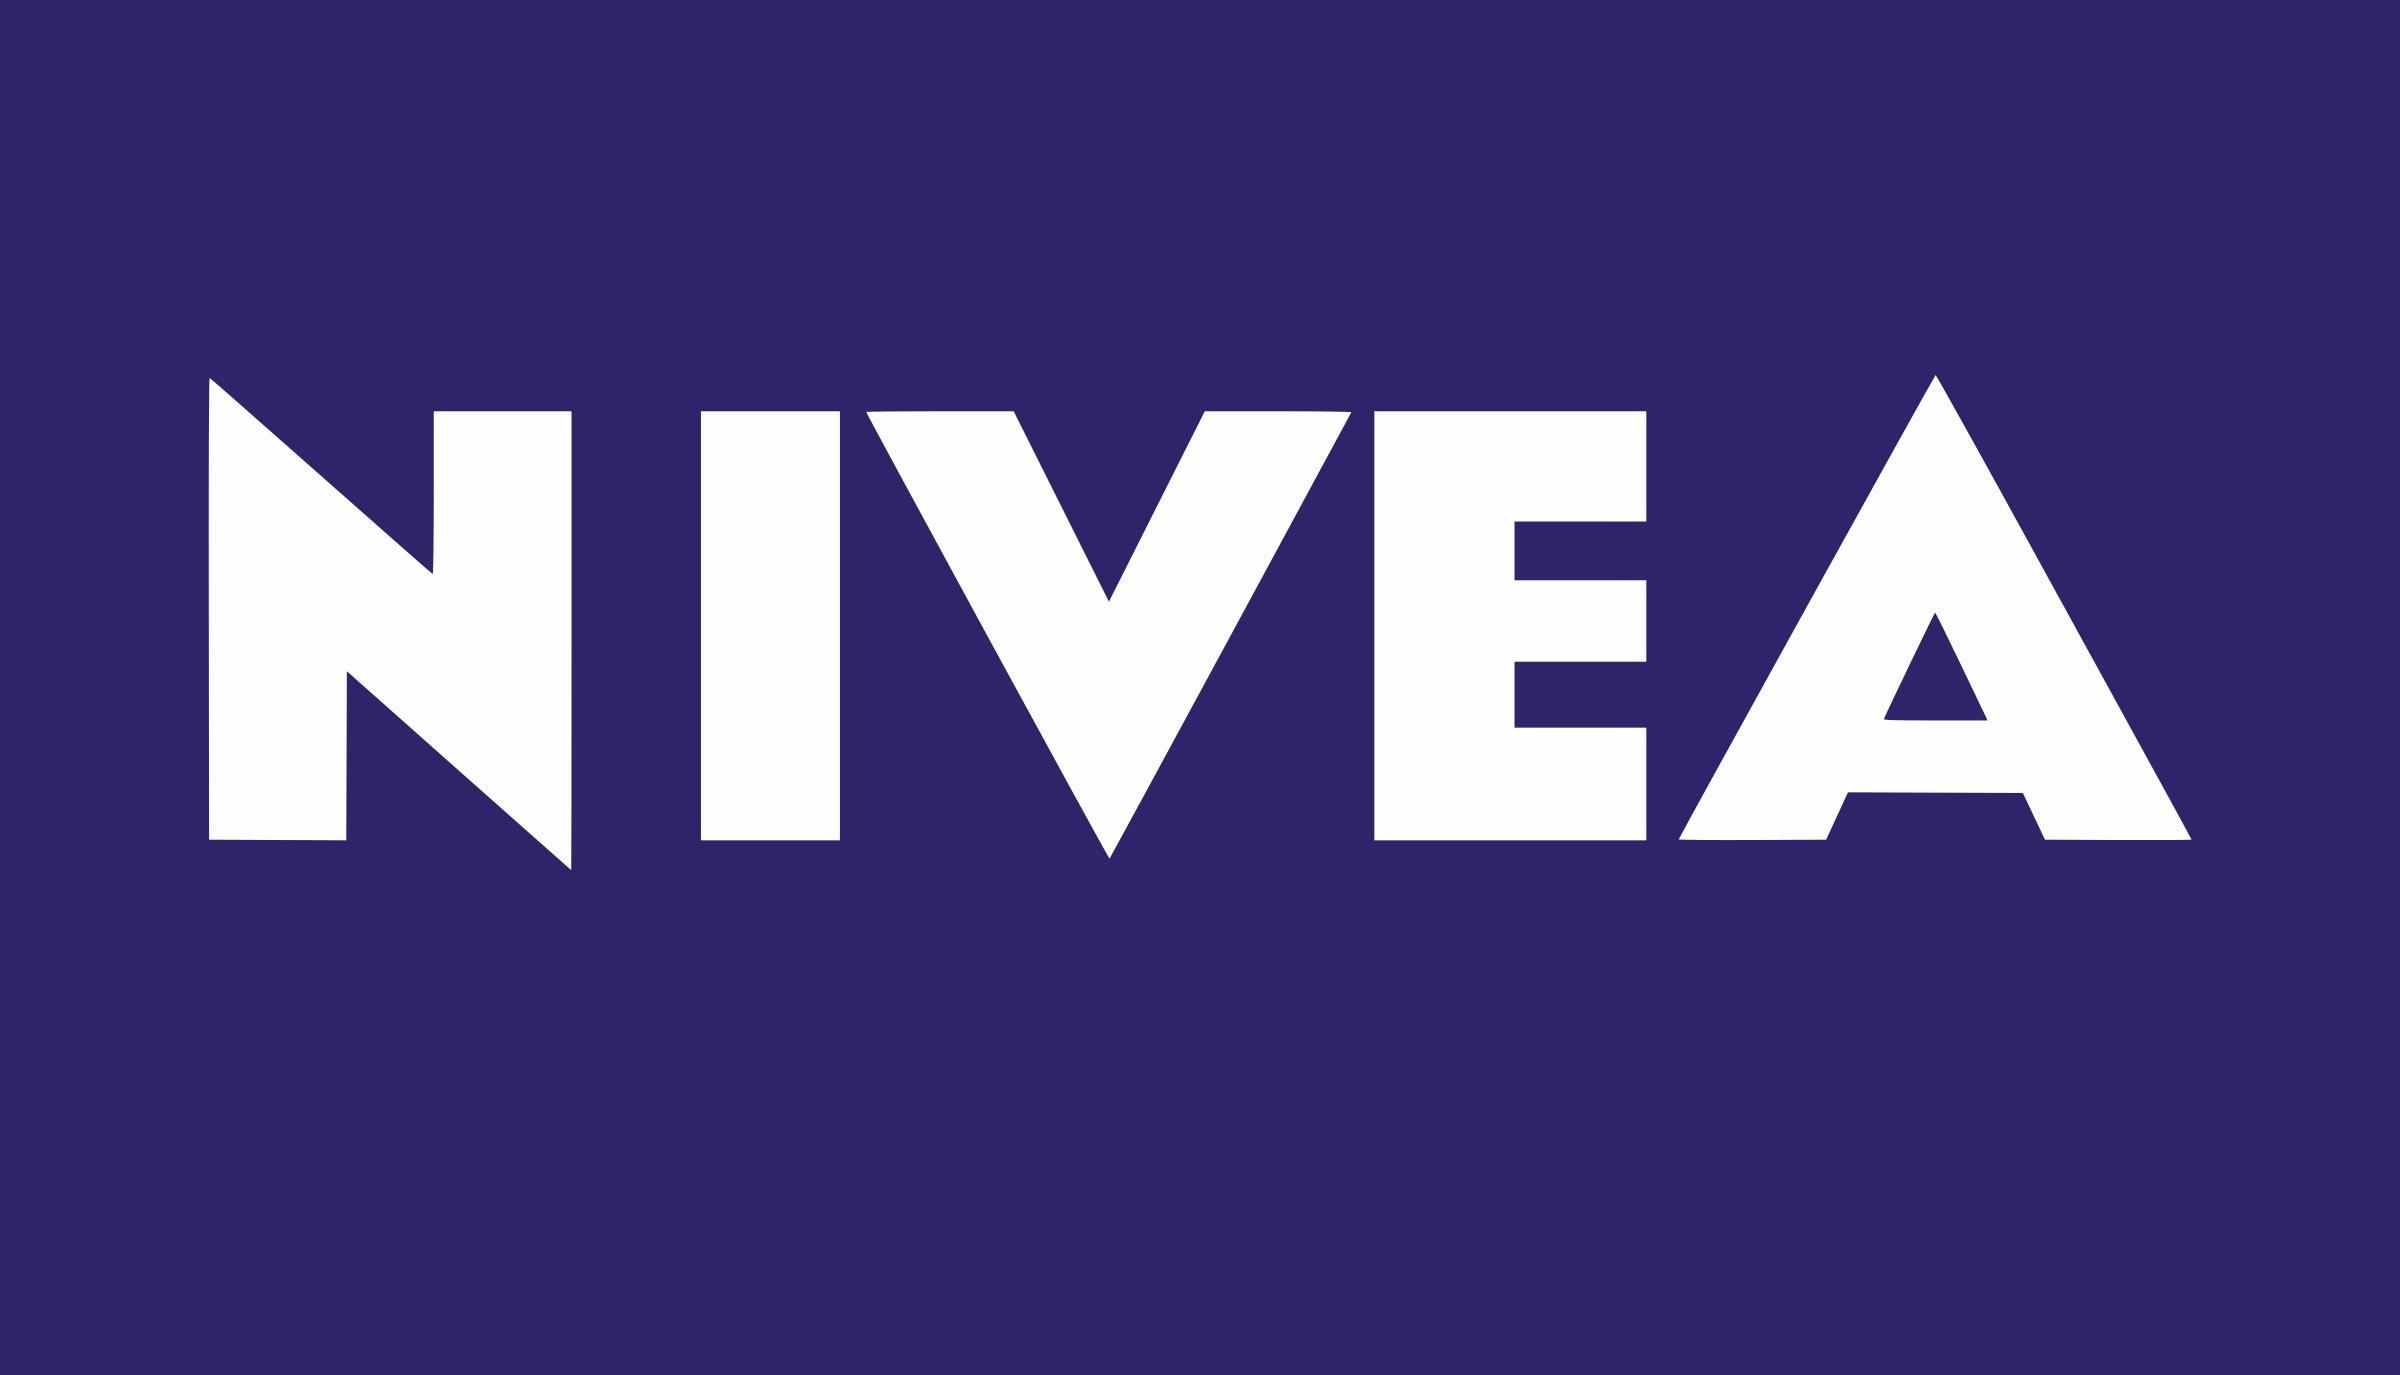 NIVEA for men Logo PNG Transparent & SVG Vector.